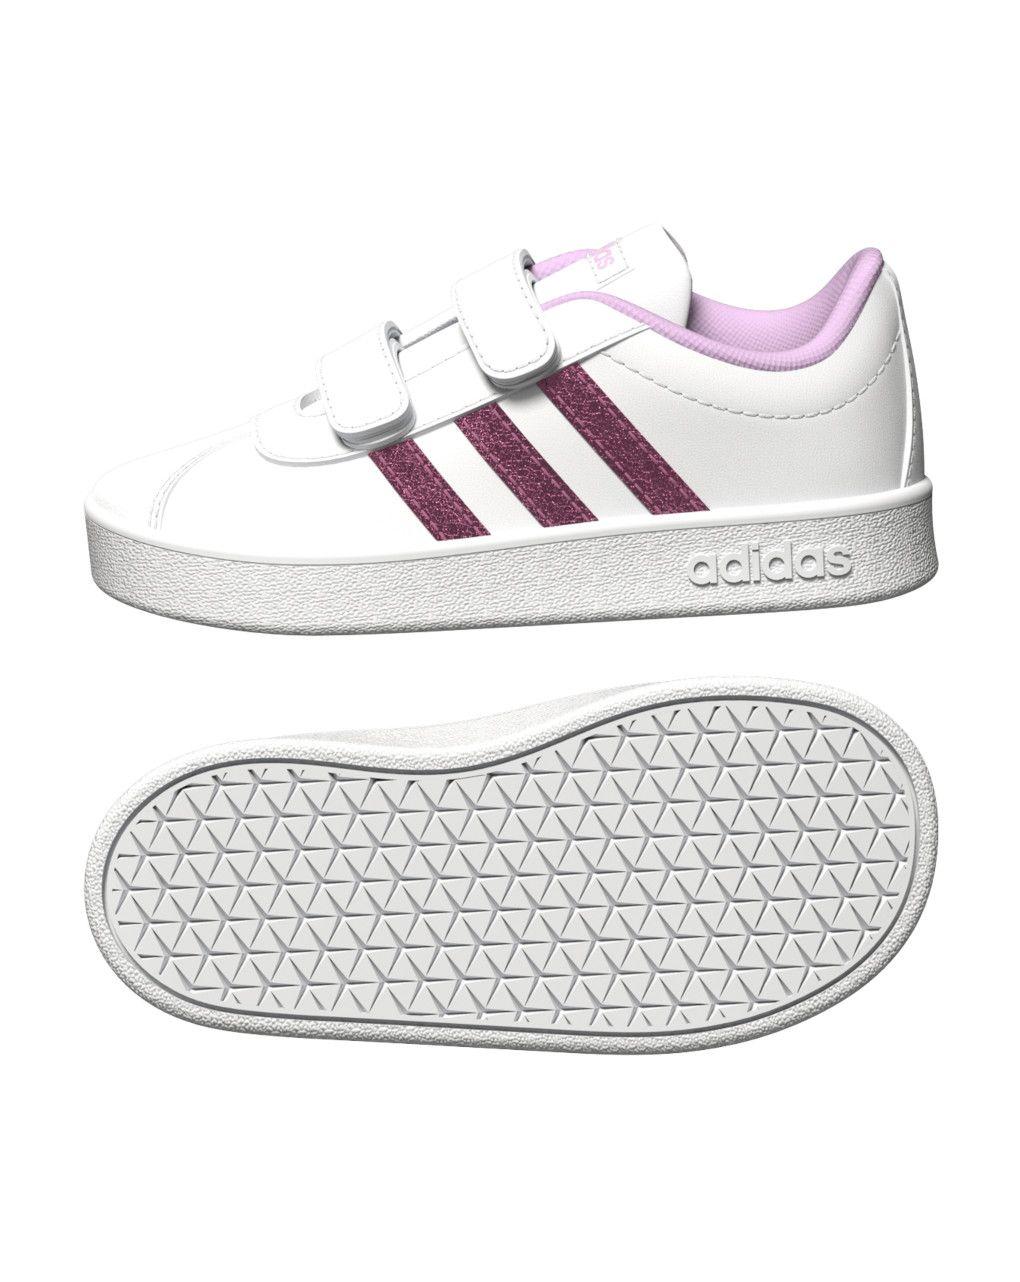 Αθλητικά Παπούτσια Adidas Vl Court 2.0 CMF I FY9277 για Κορίτσι